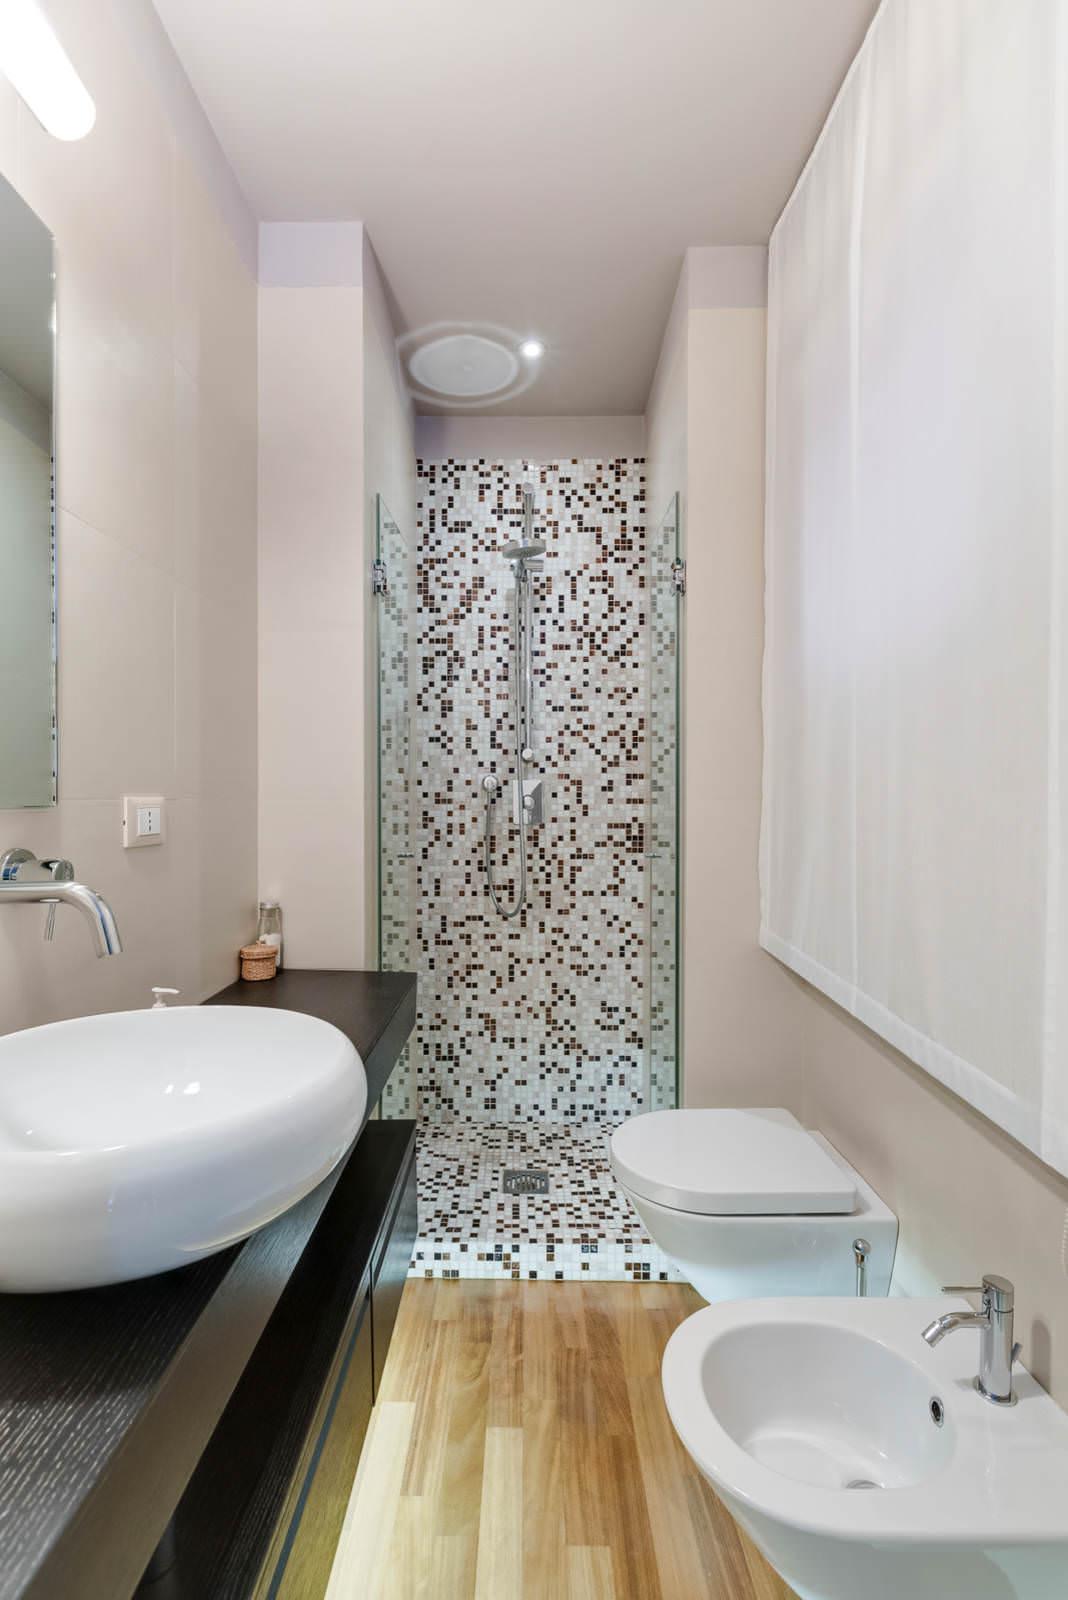 Mosaico Per Bagno Doccia.Bagno Con Pavimenti E Rivestimenti In Mosaico 100 Idee